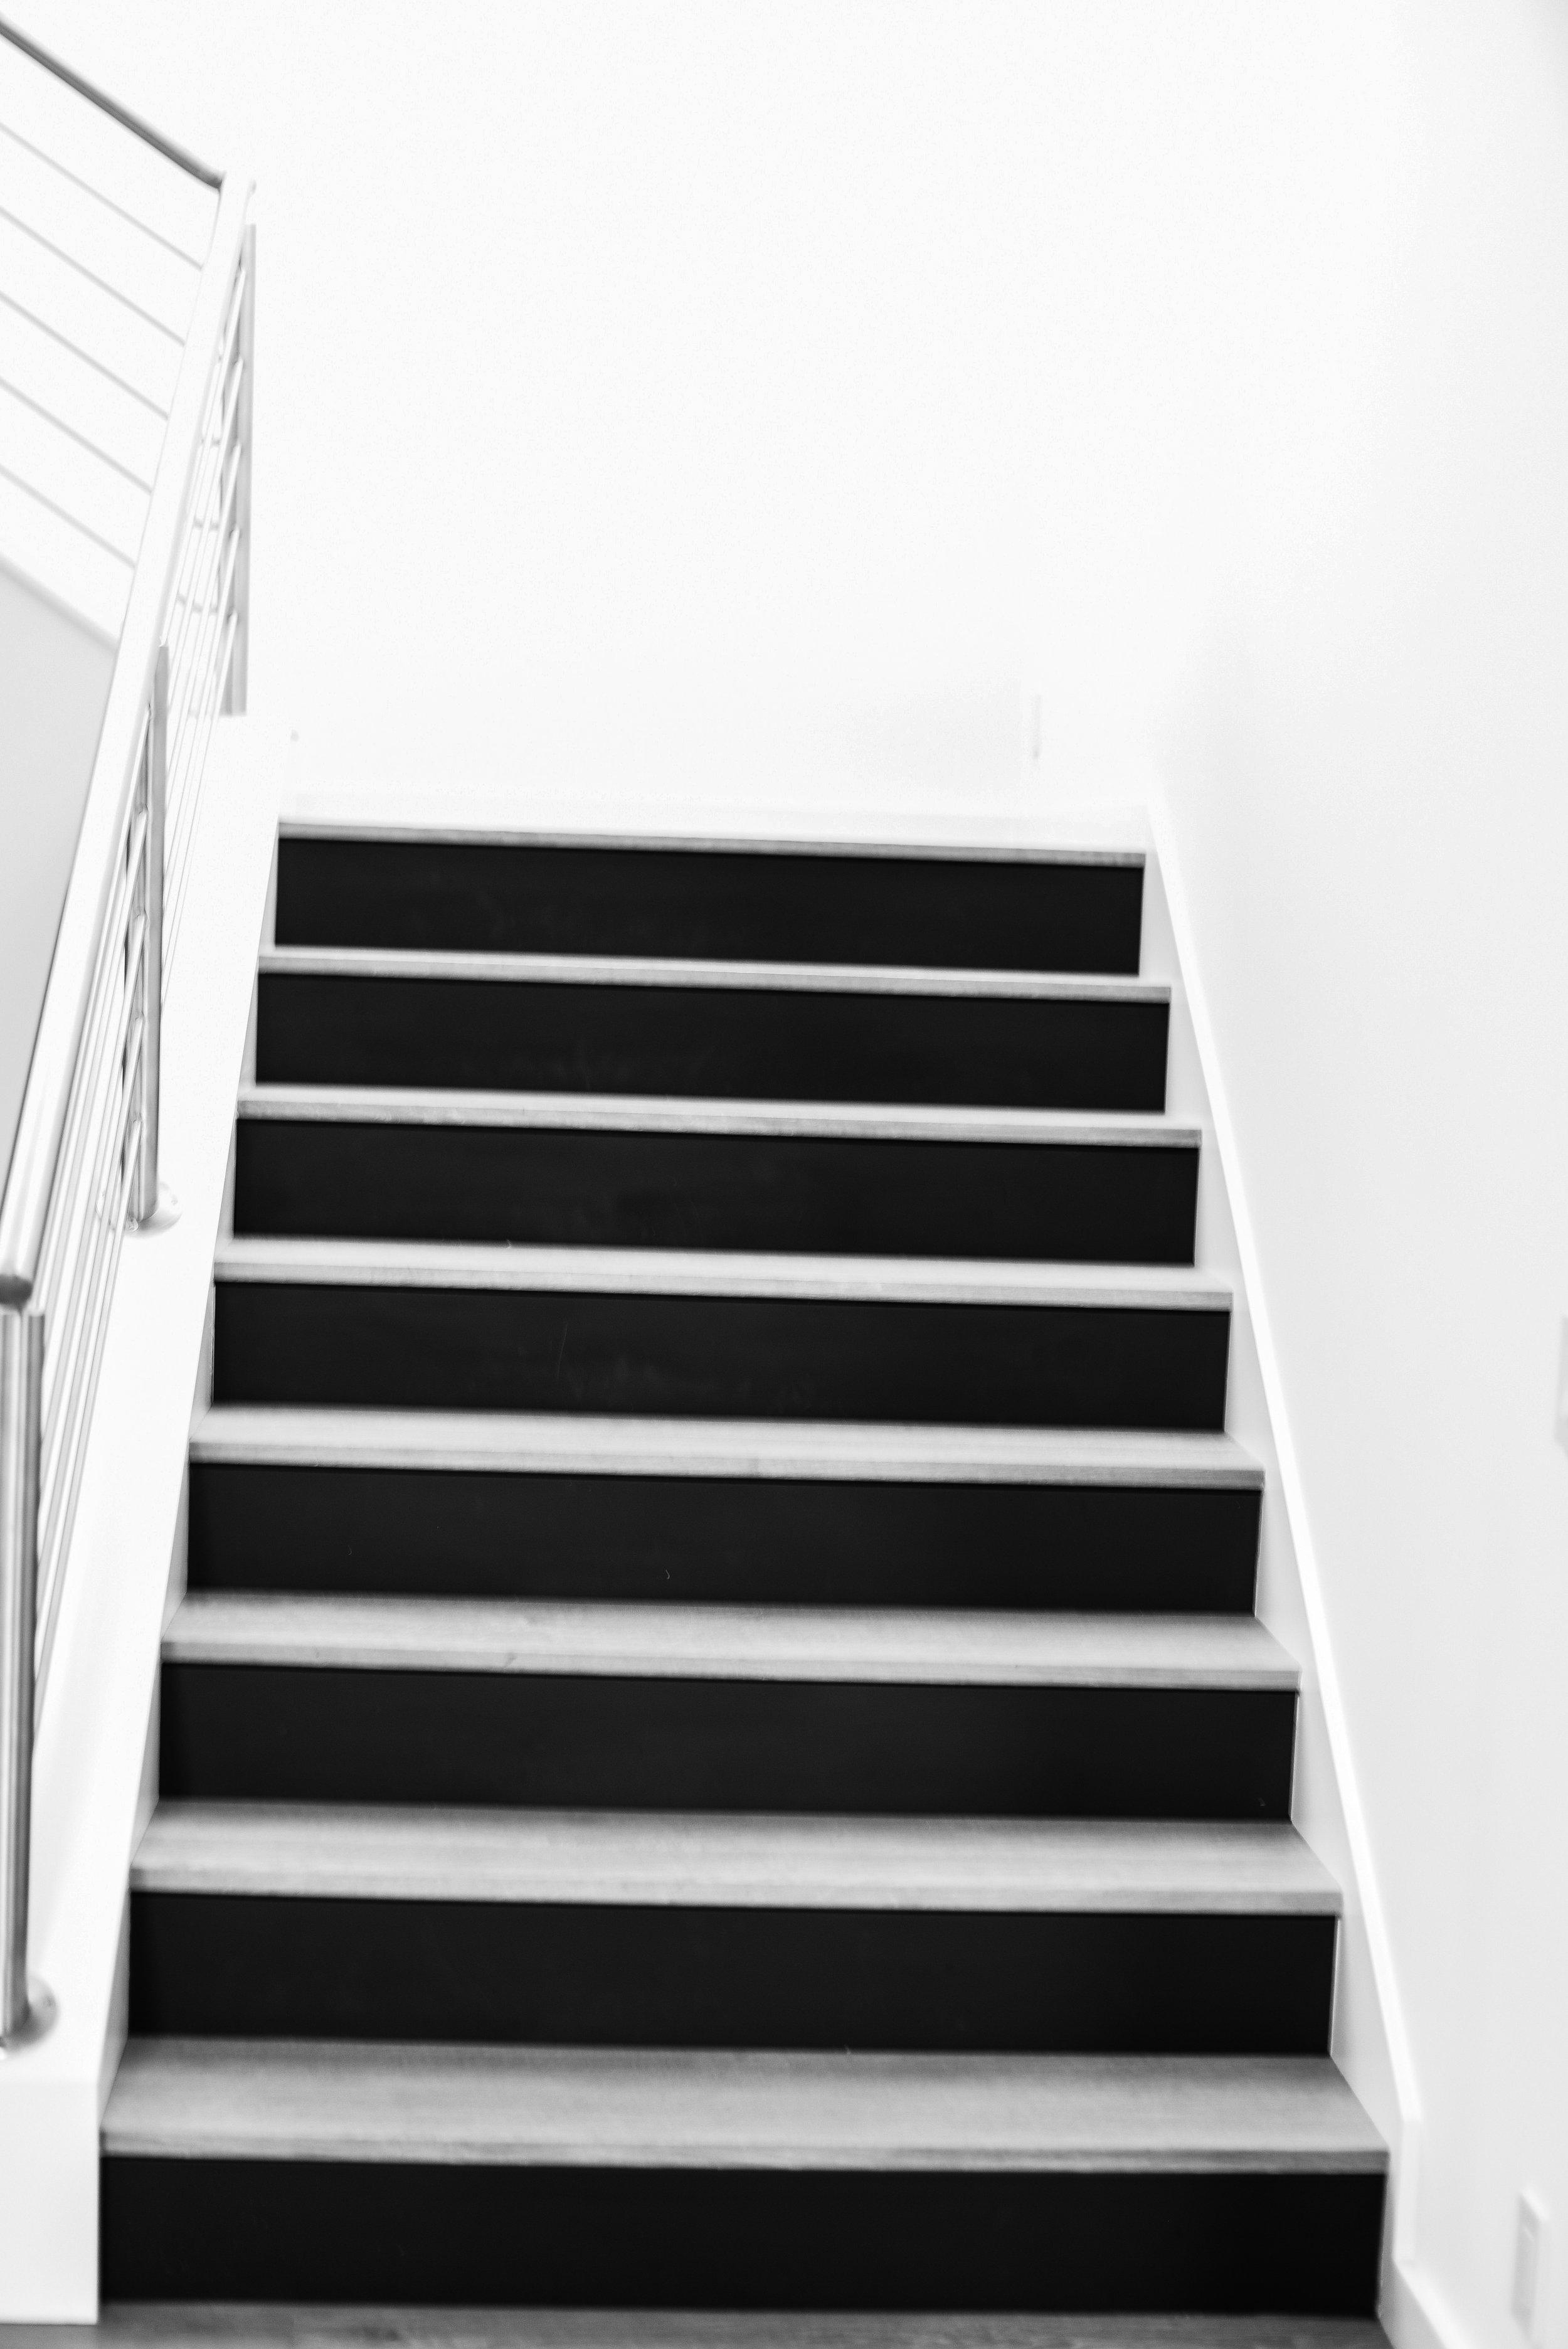 StairwayToNowhere